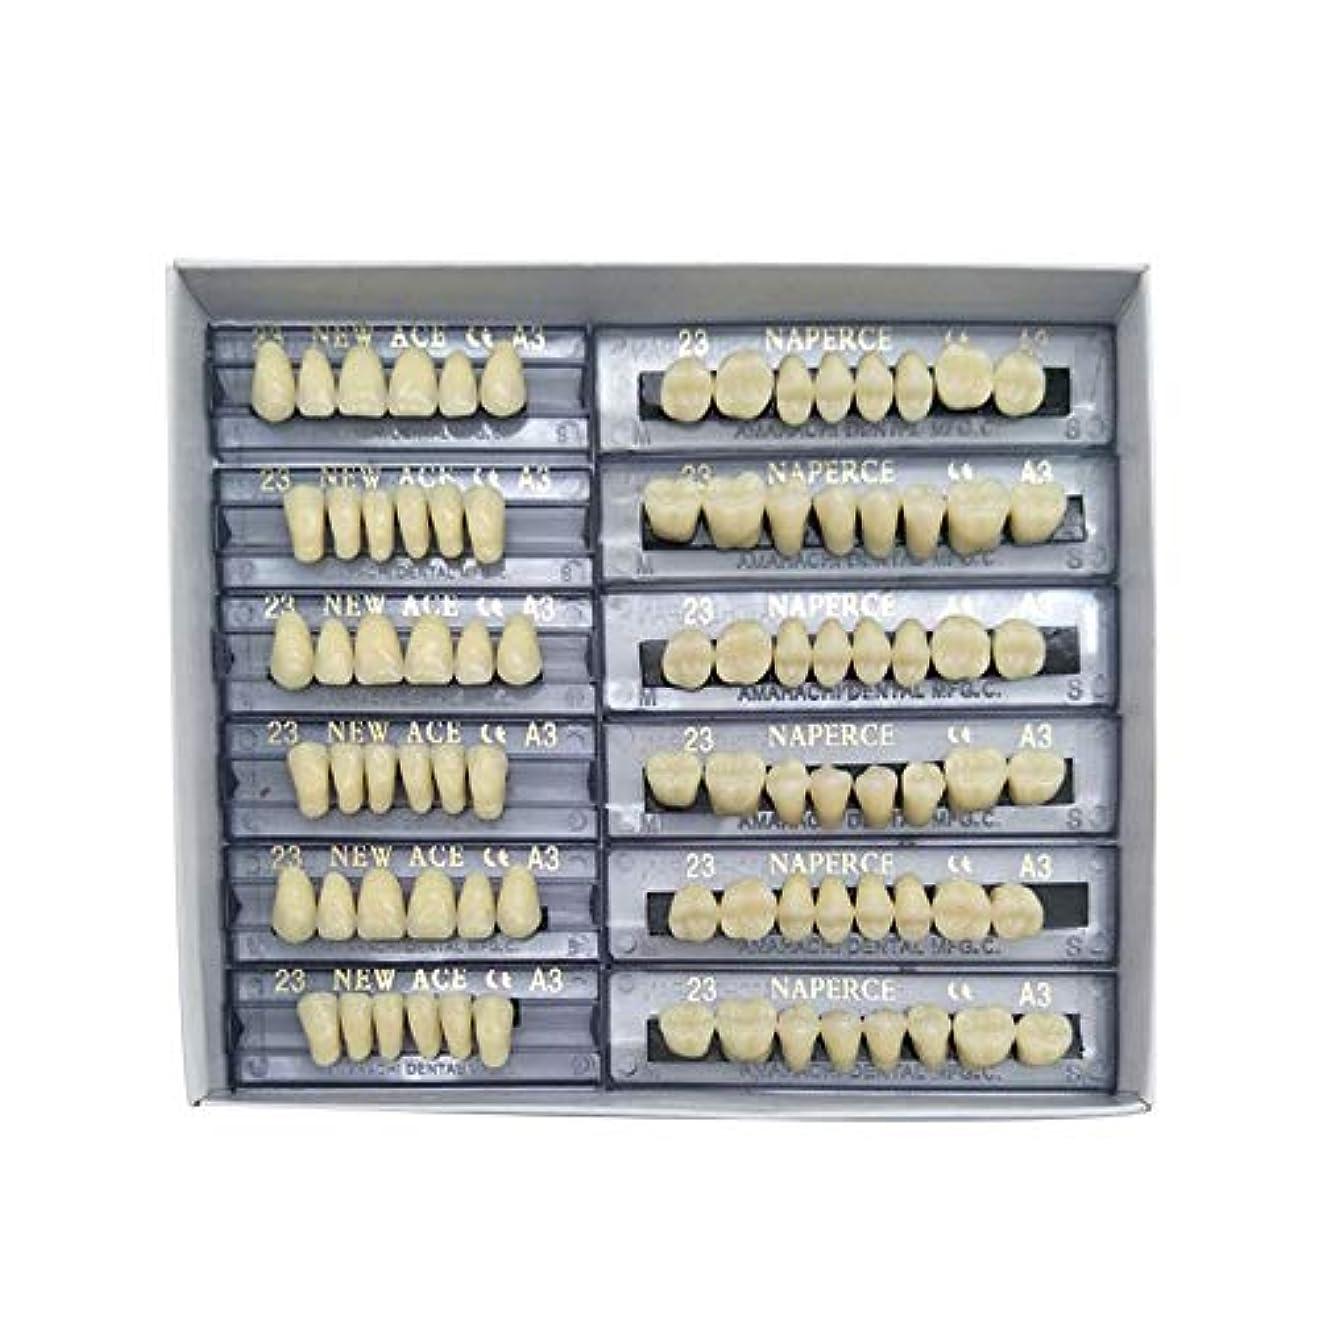 バーマドソフトウェア透けるSHINA 12セット合成ポリマー樹脂義歯 上+下歯科セット (A3)